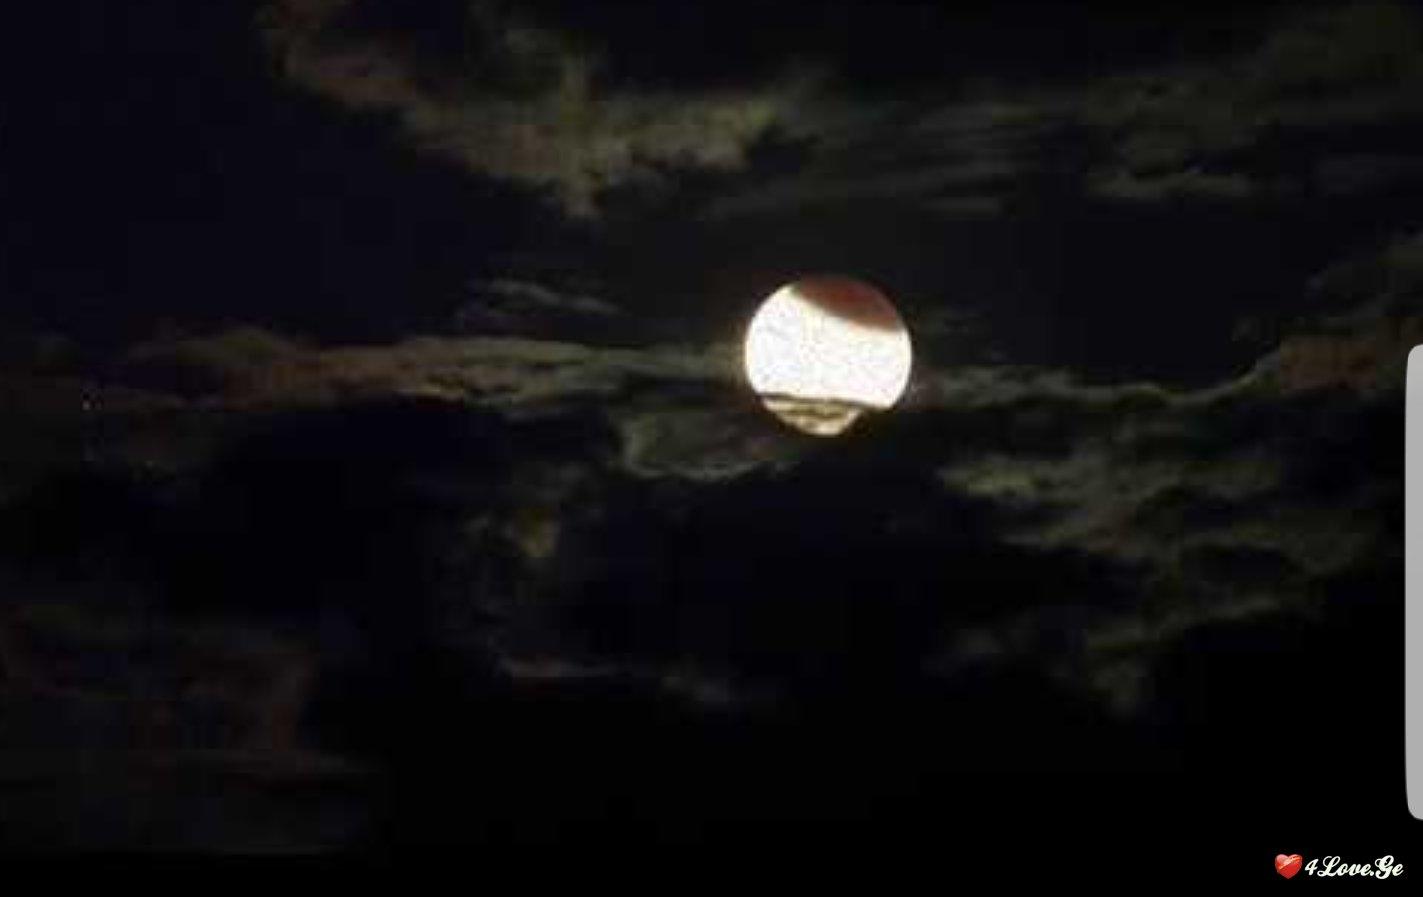 უსასრულო ღამე და უსასრულო სიბნელე